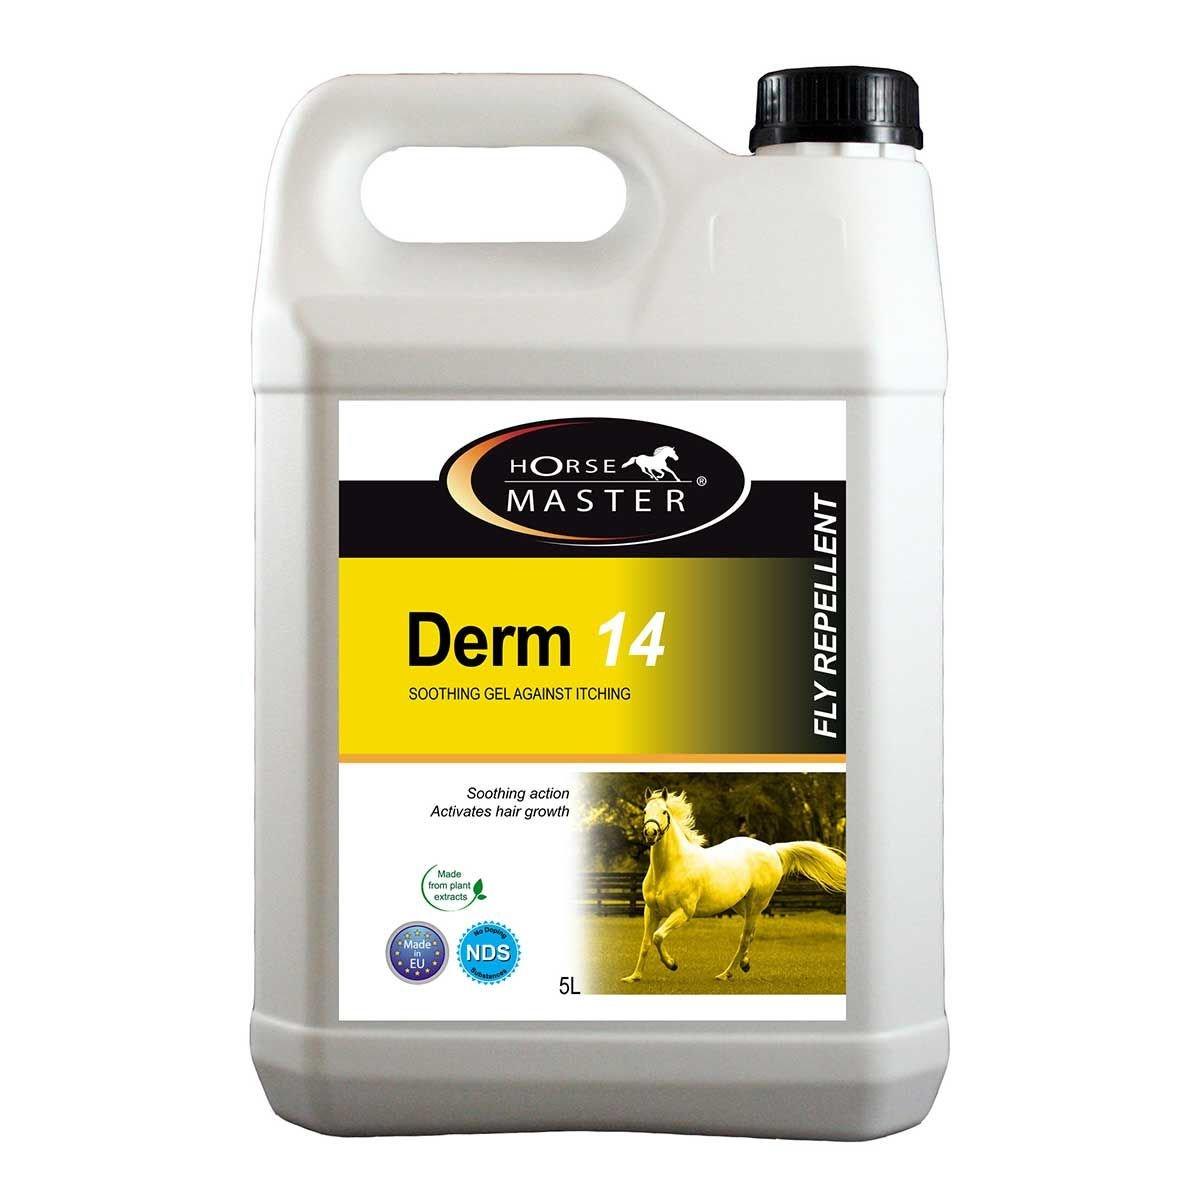 Derm 14 - Lutte contre les effets de la dermite estivale 500ml Farnam